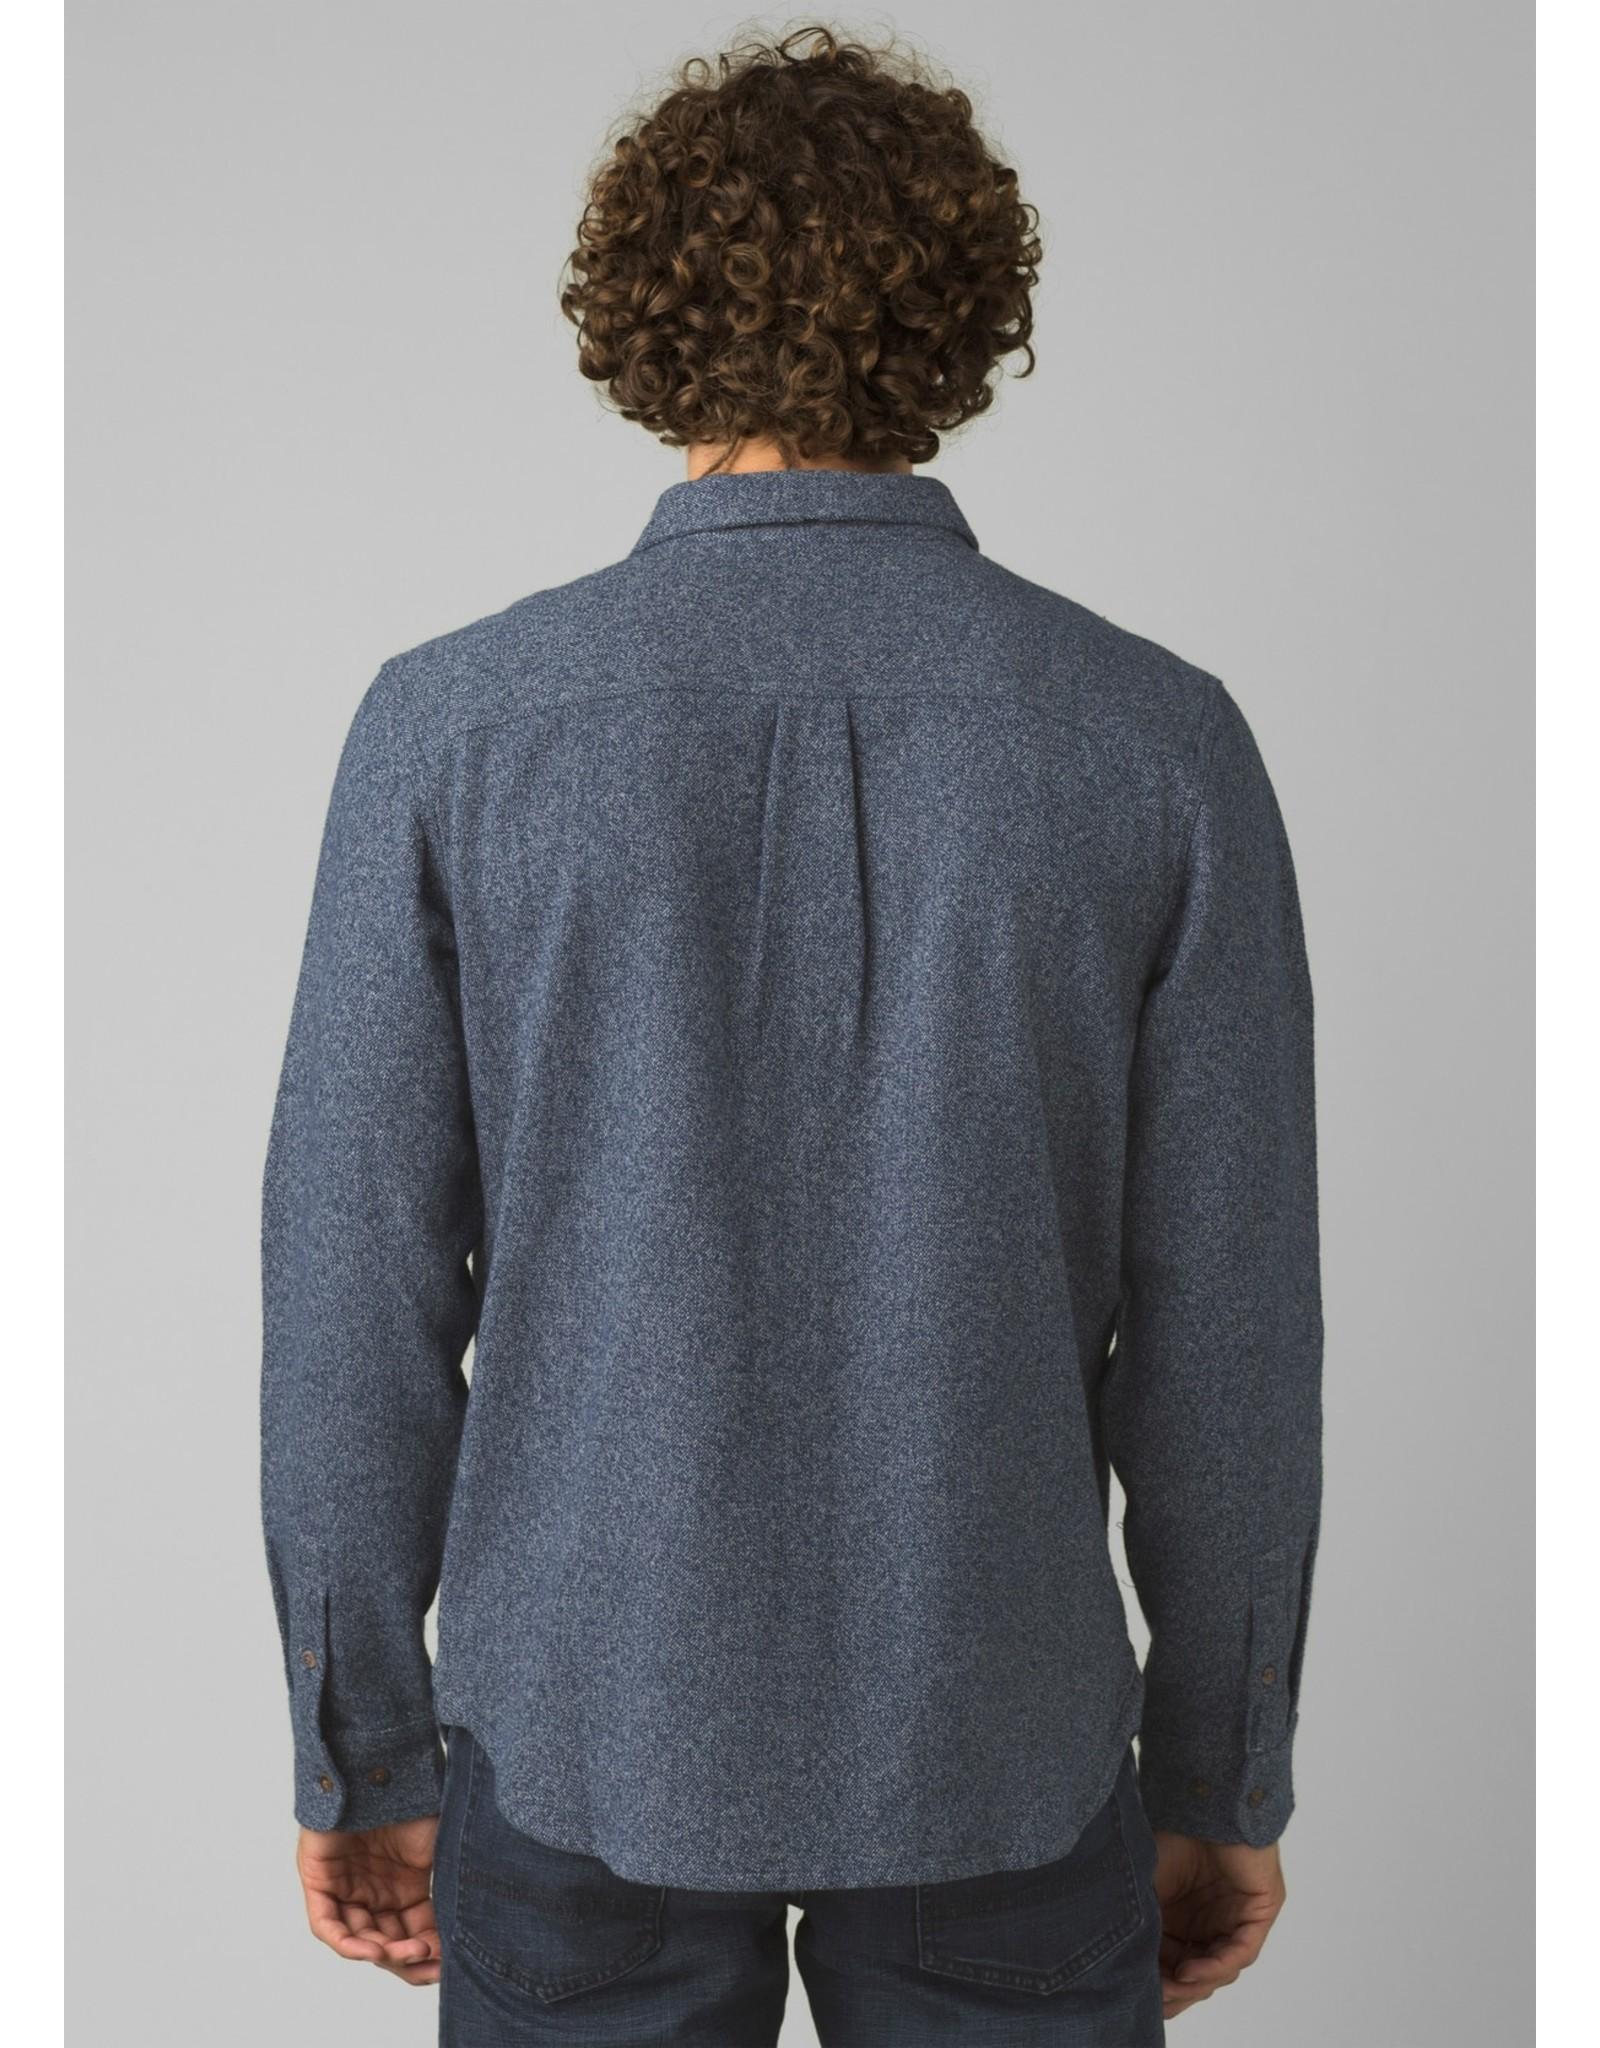 Prana M23202554 Tannler Flannel